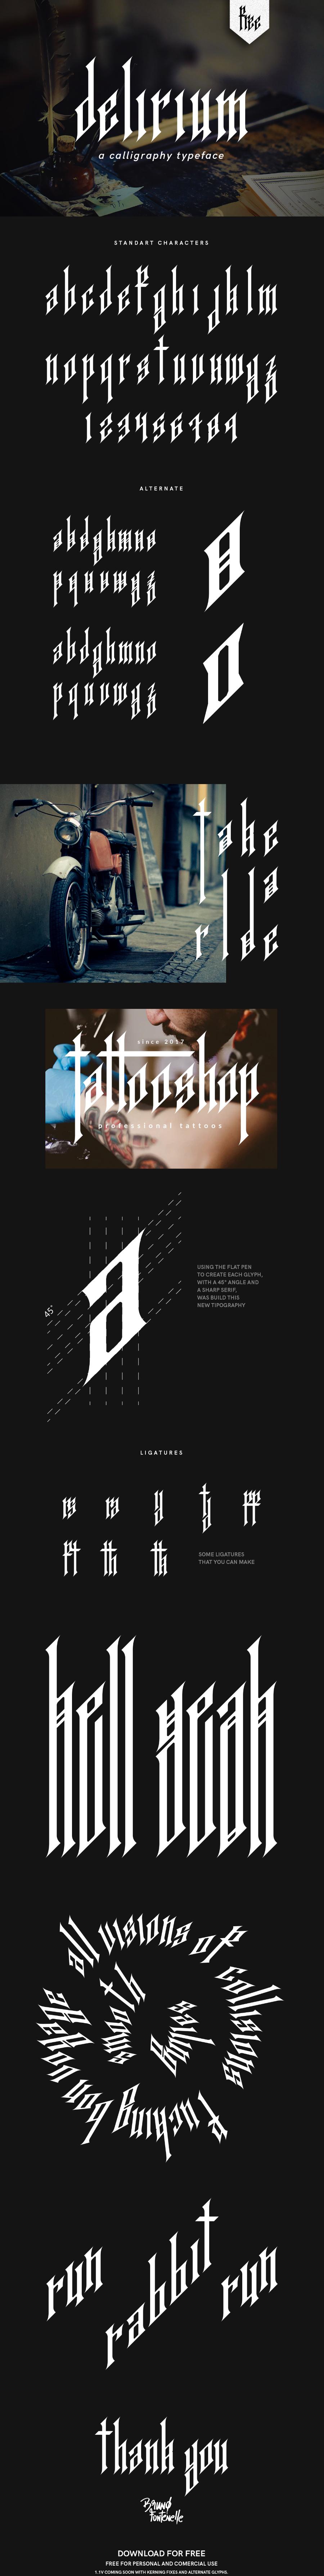 Delirium-Typeface_Bruno-Fontenelle_170817_prev01